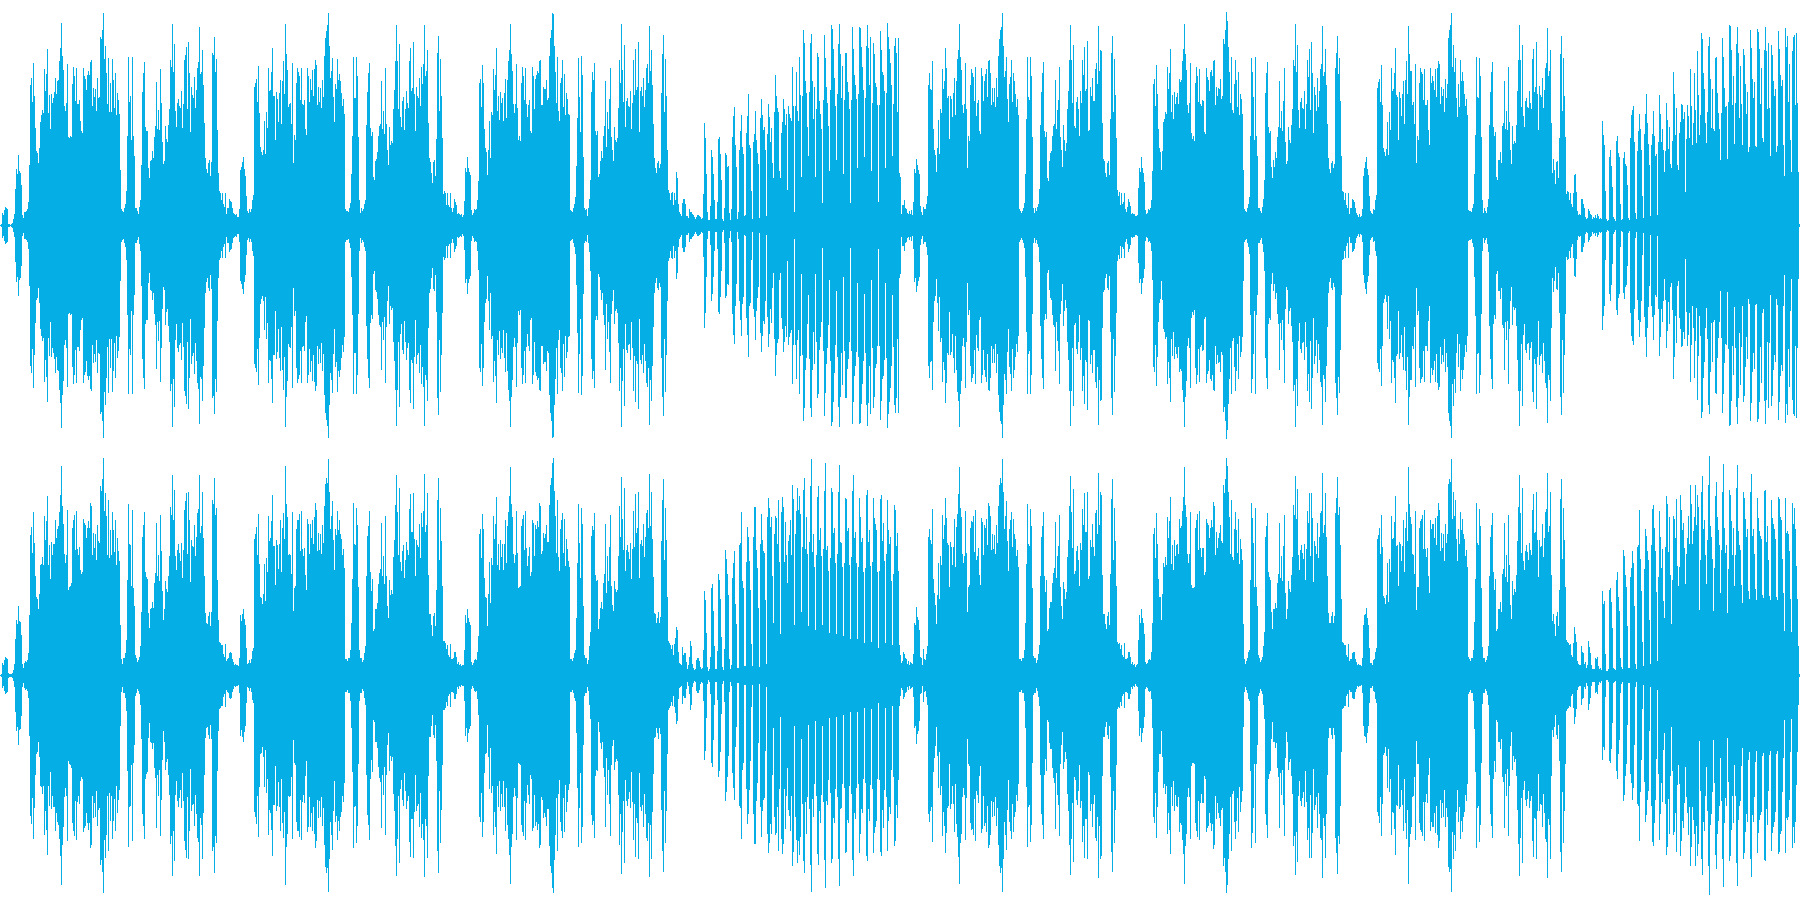 【ダークファンタジー×エレクトロニカ】の再生済みの波形